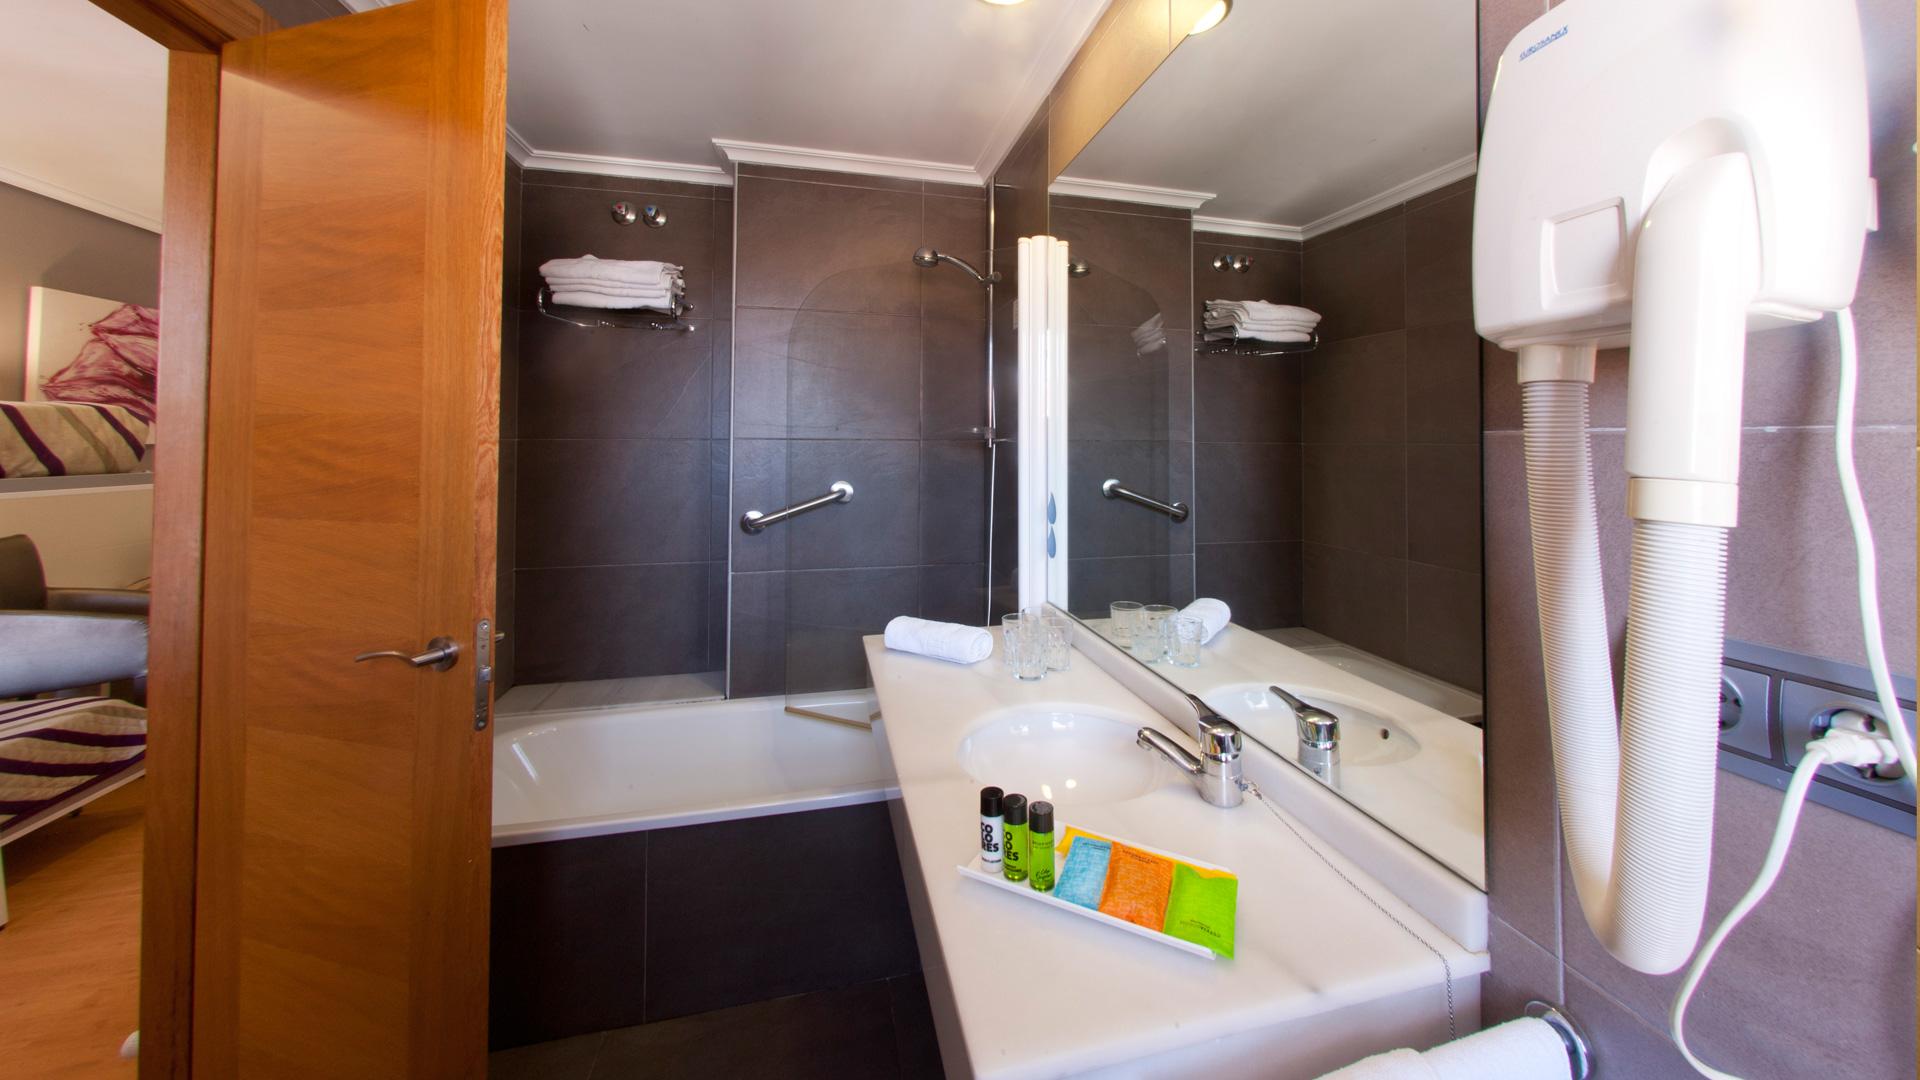 hotel-las-olas-baño-02